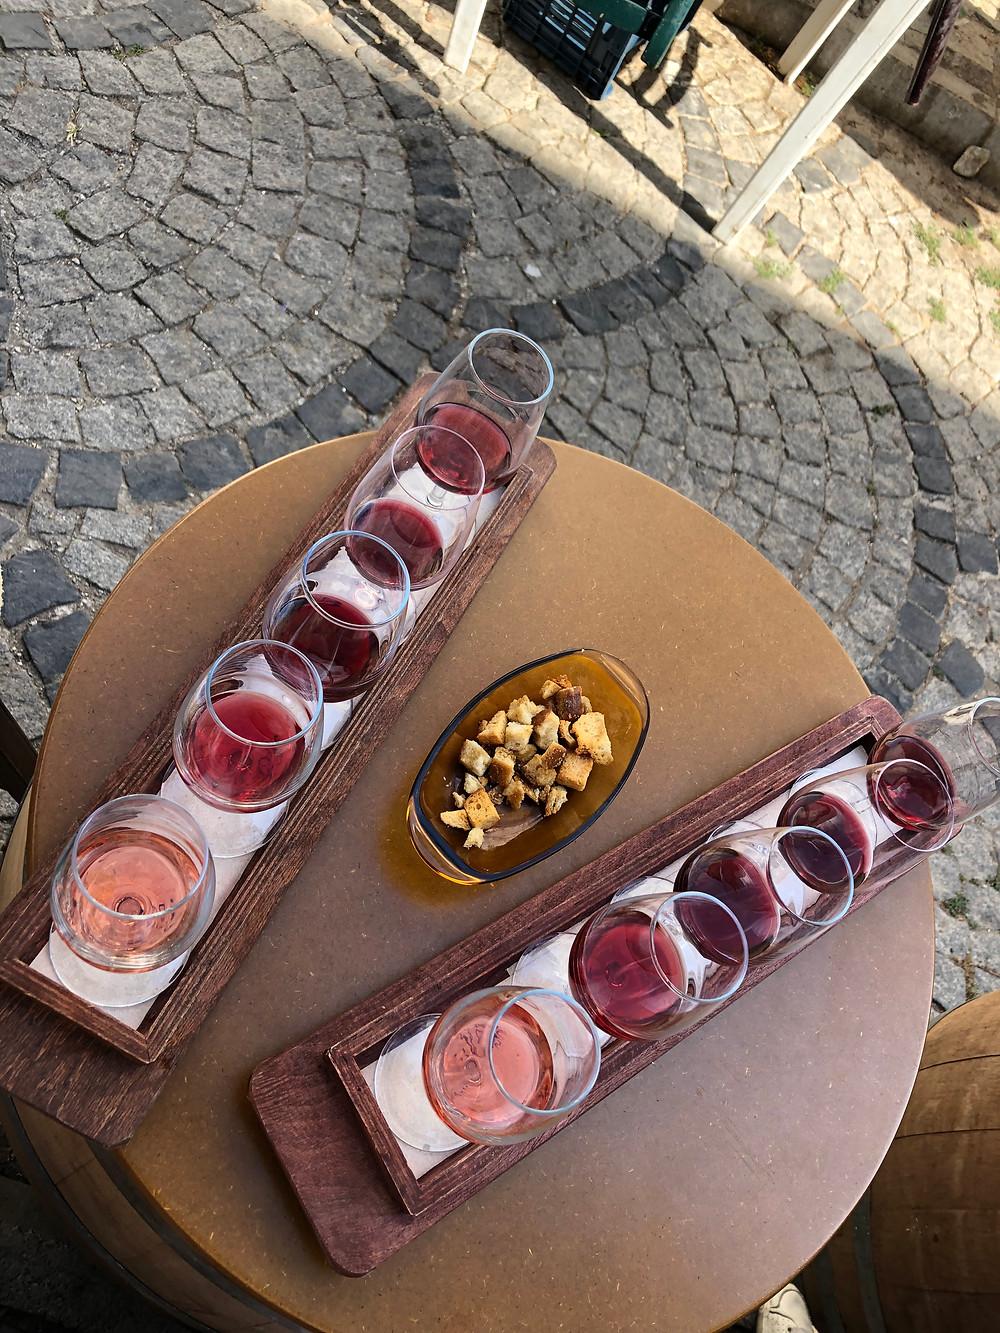 Turkish wine tasting at Talay winery wine bar on Bozcaada island